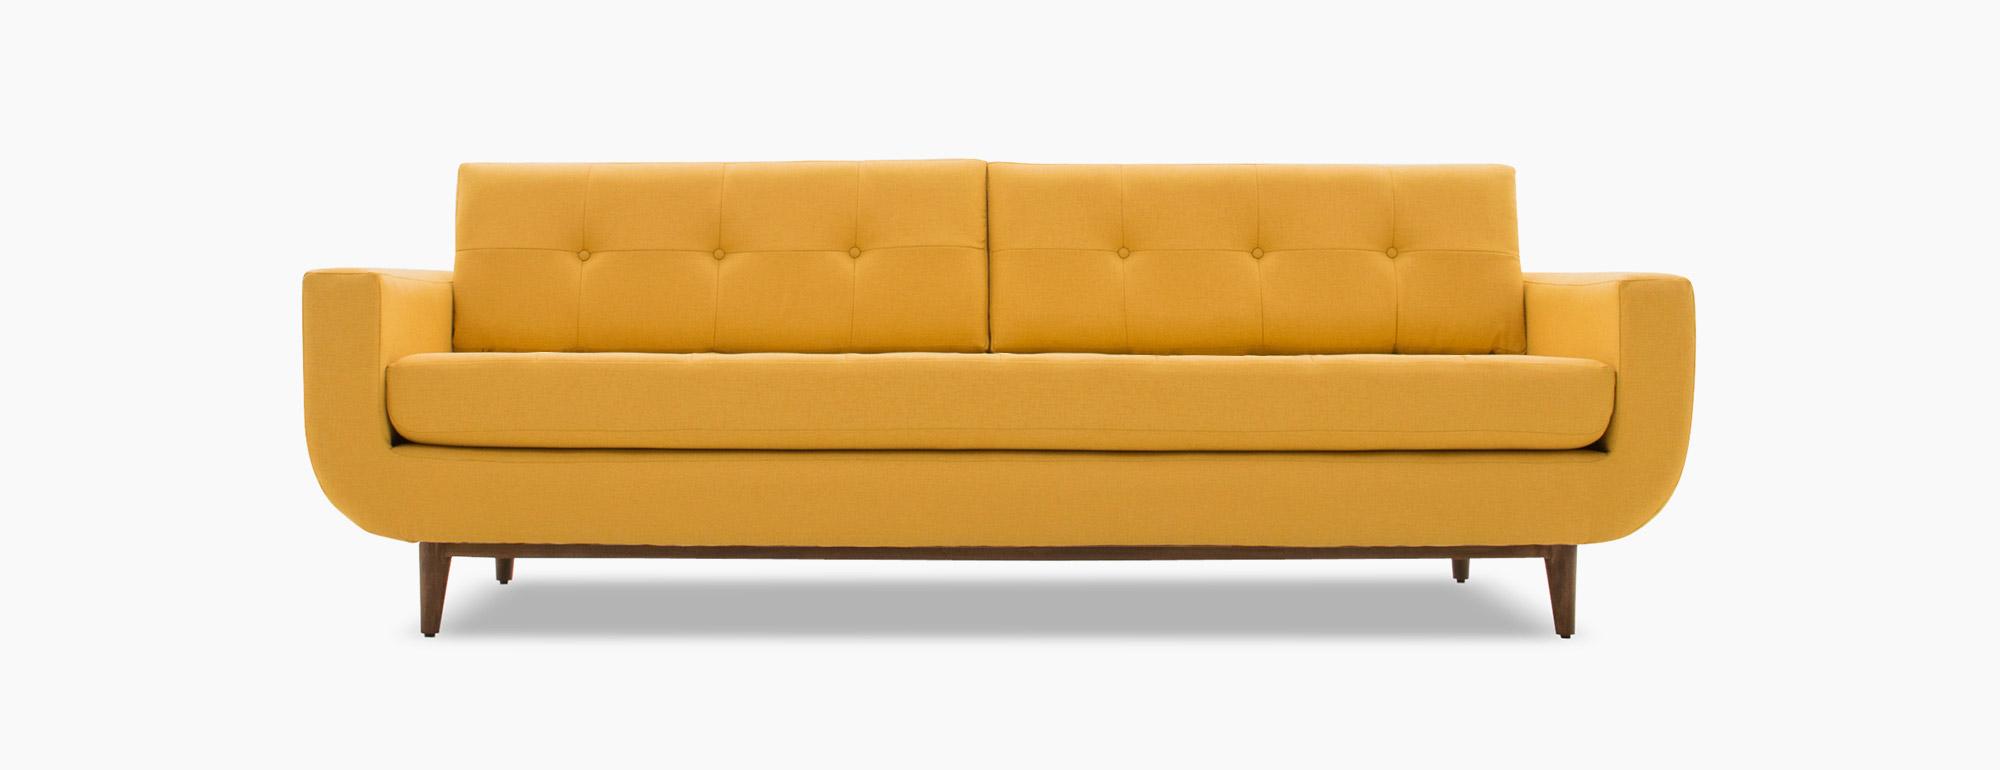 hero-gervin-sofa-1